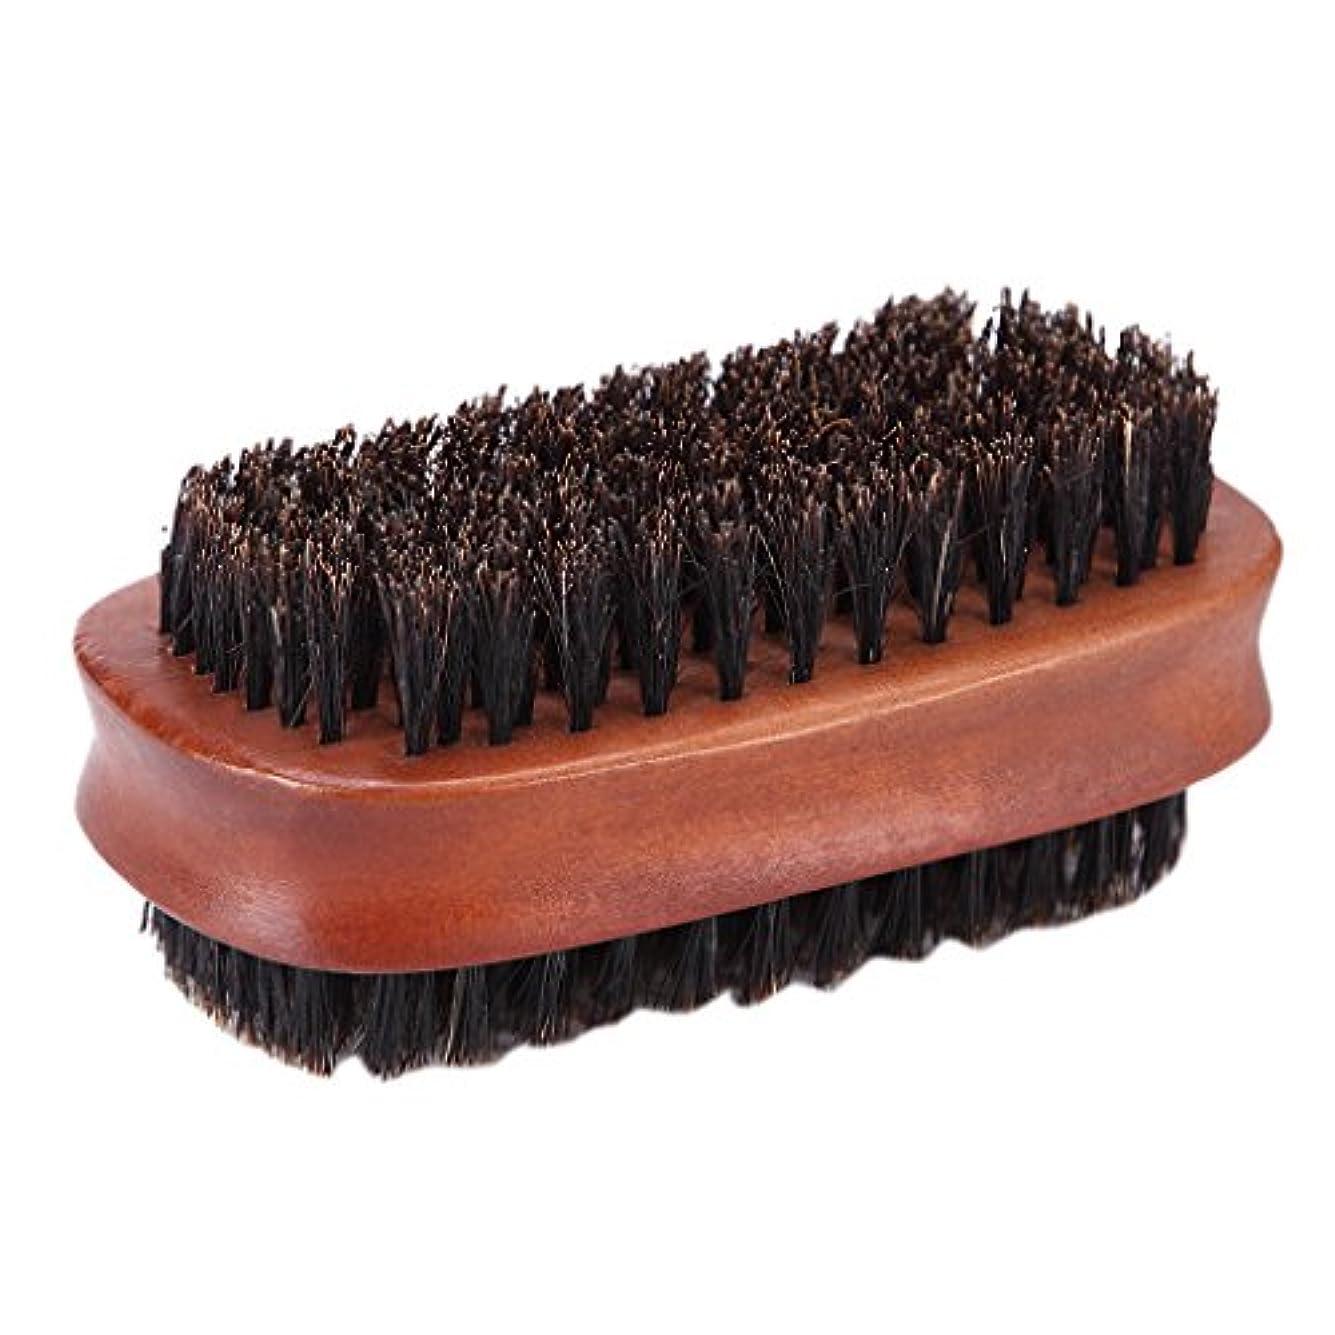 疾患年齢くちばしHomyl ヘアカット ダスターブラシ 両面ブラシ サロン 散髪 ヘアカット 柔らか 使いやすい